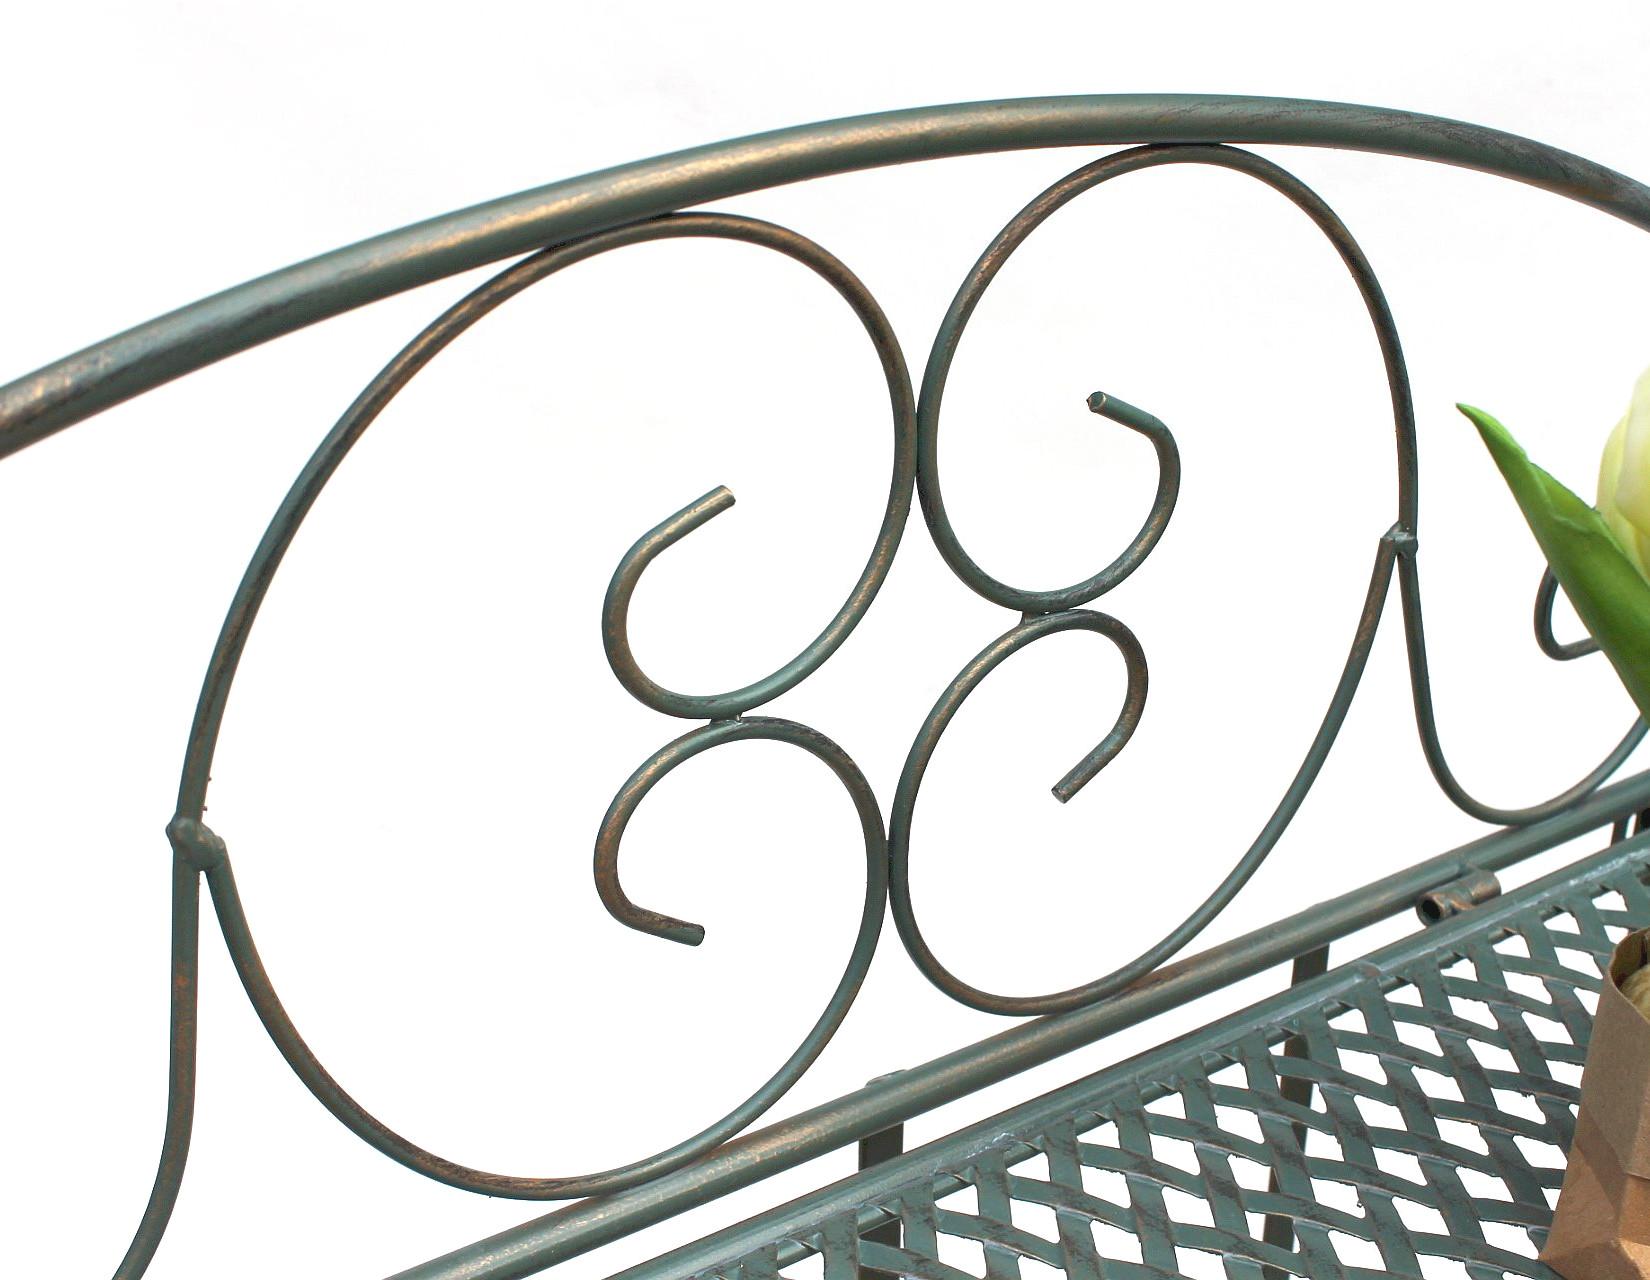 Metallregal Vintage Küche Landhausstil 19151 Regal Metall